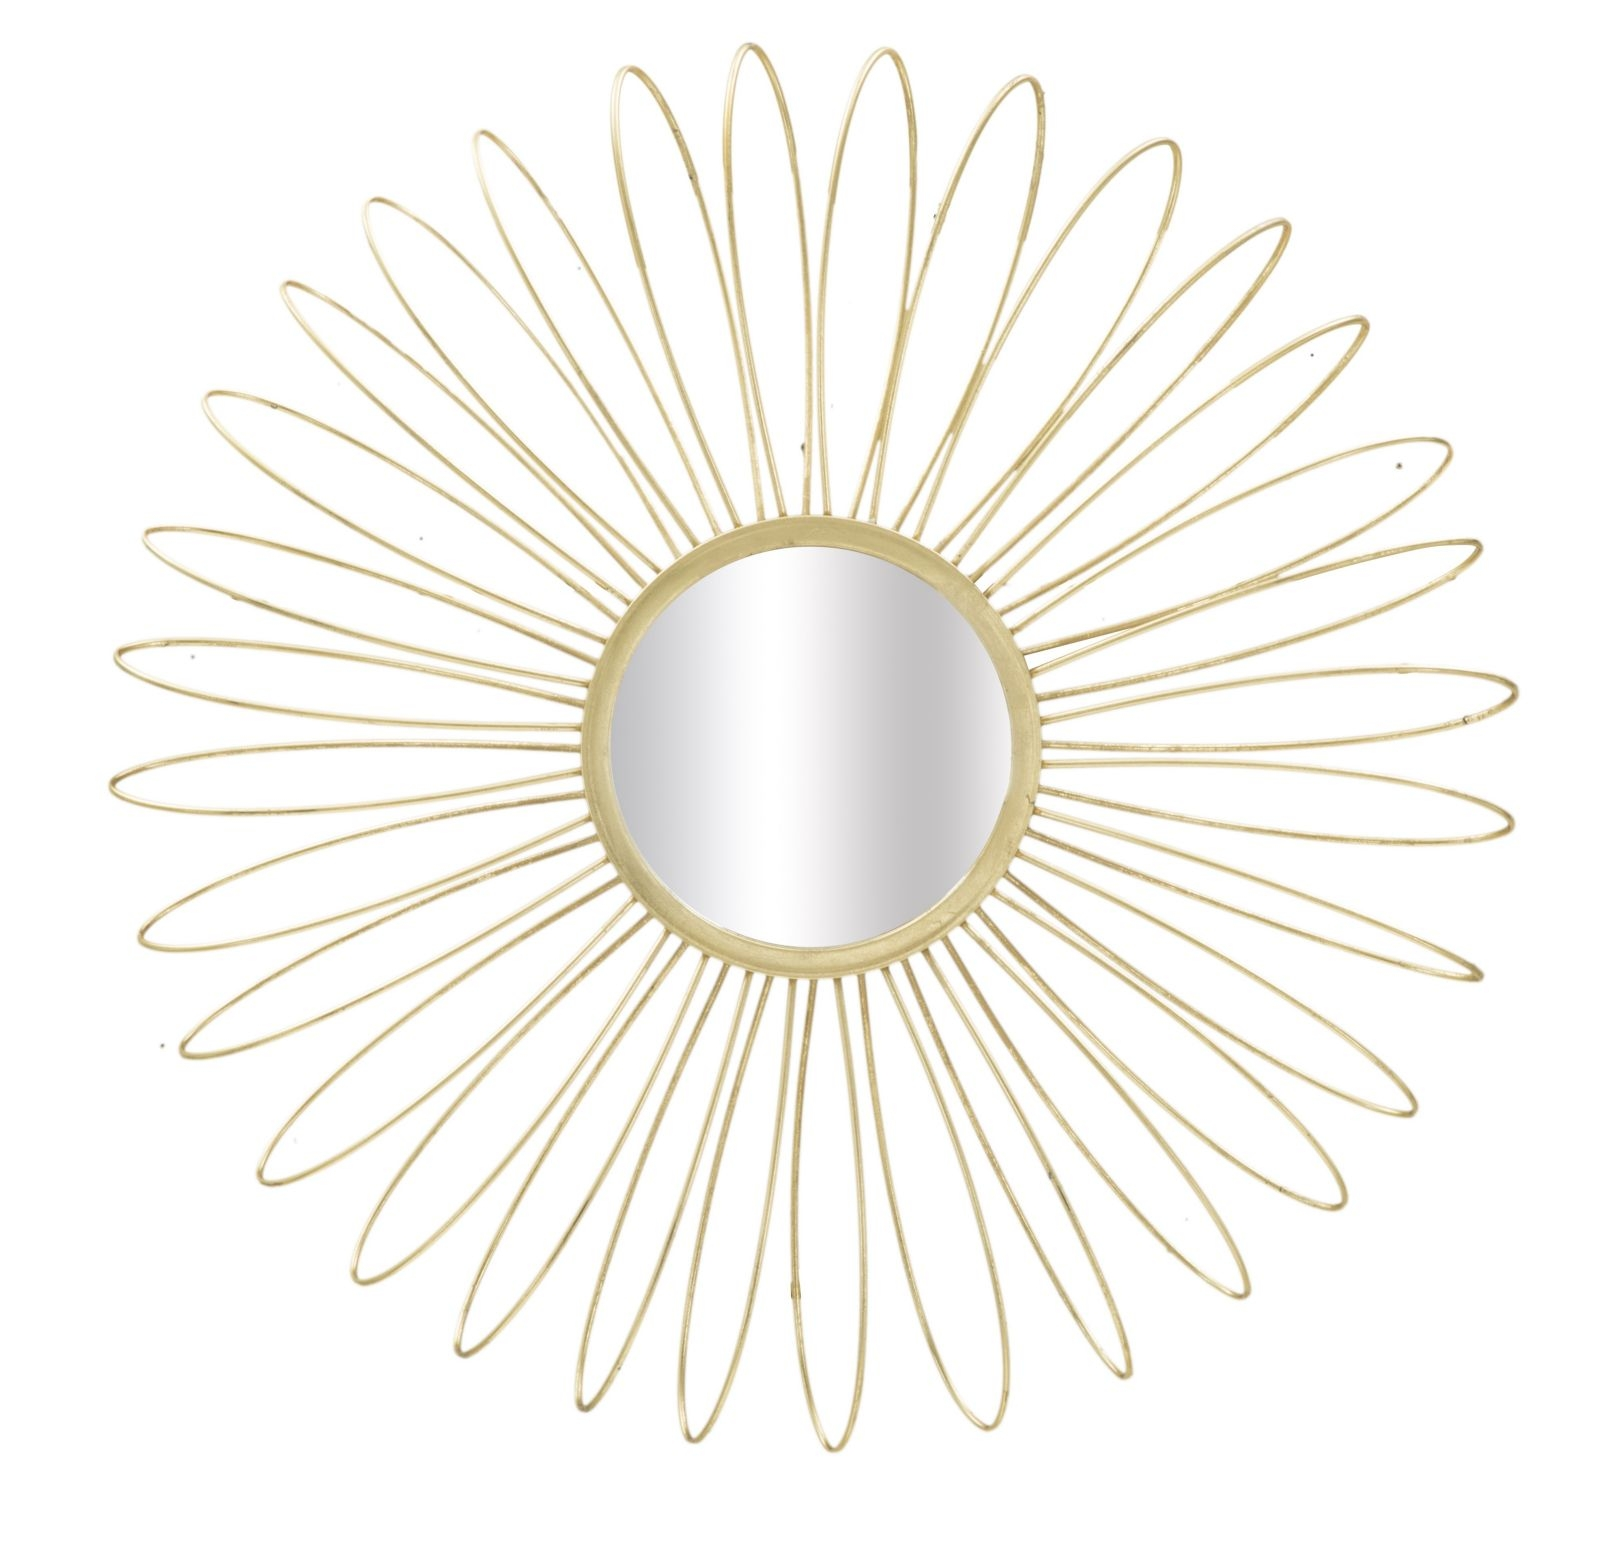 Oglinda decorativa Daisy, Ø 92 cm